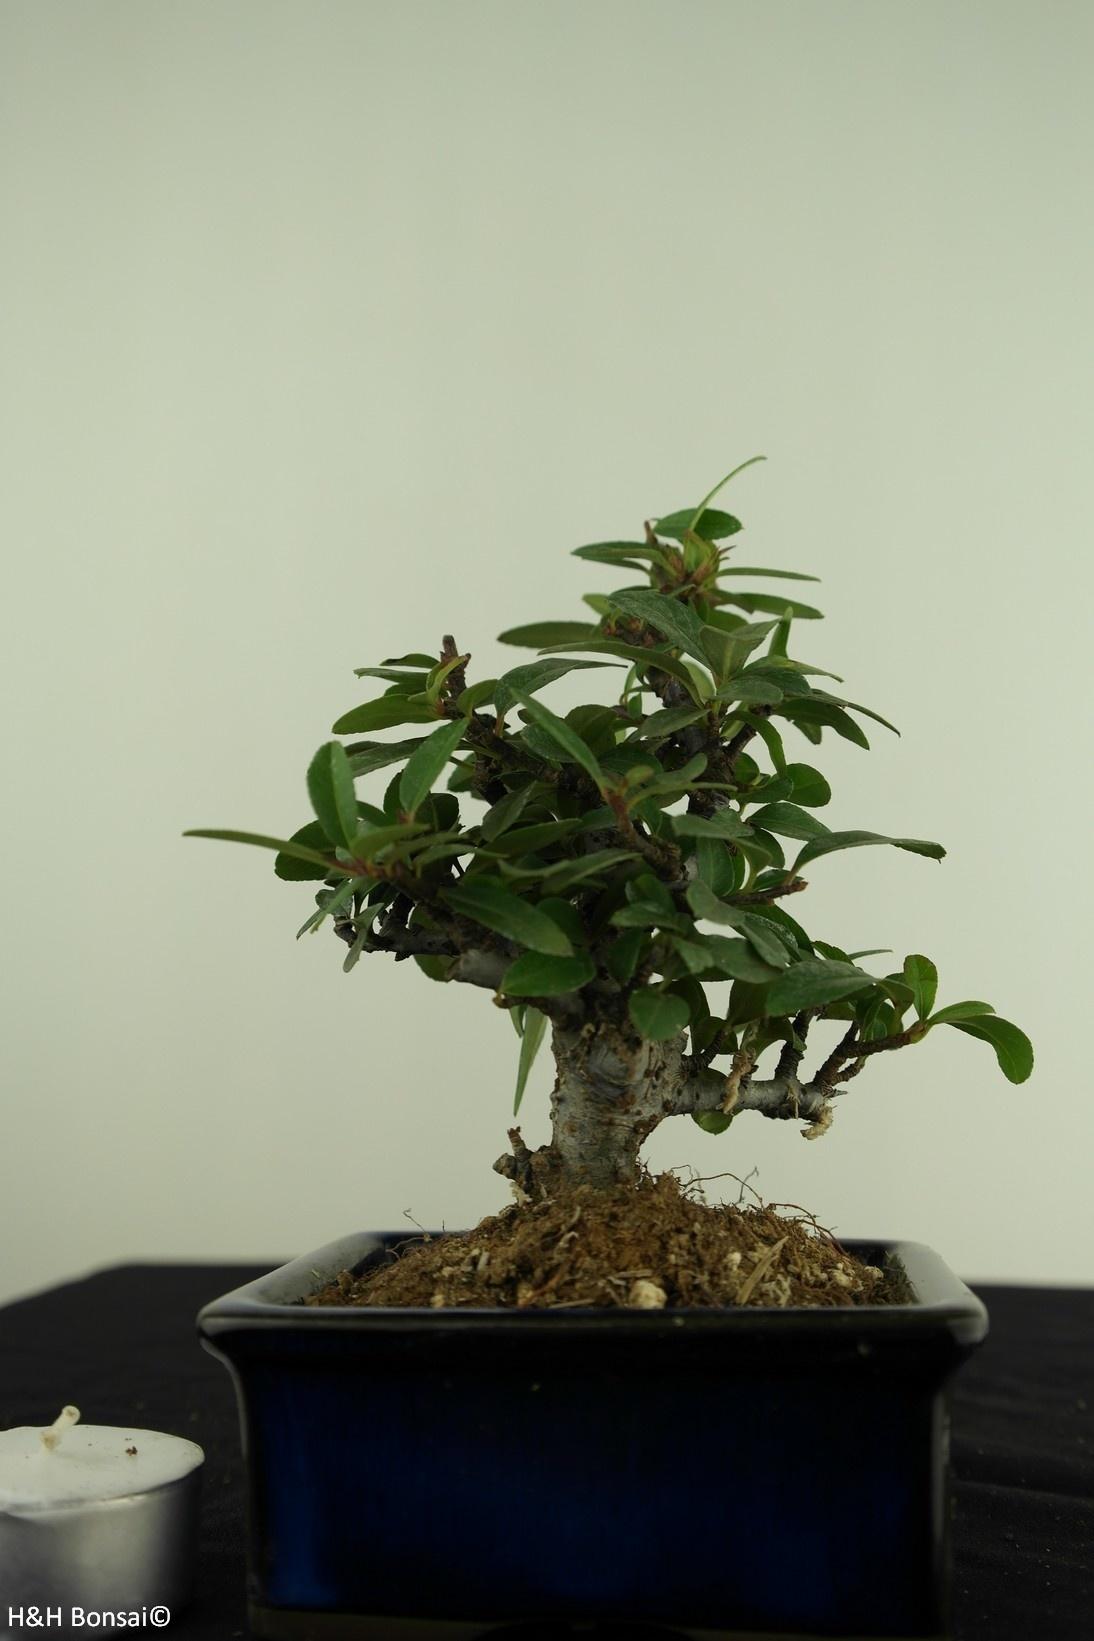 Bonsai Shohin Firethorn,Pyracantha, no. 7784